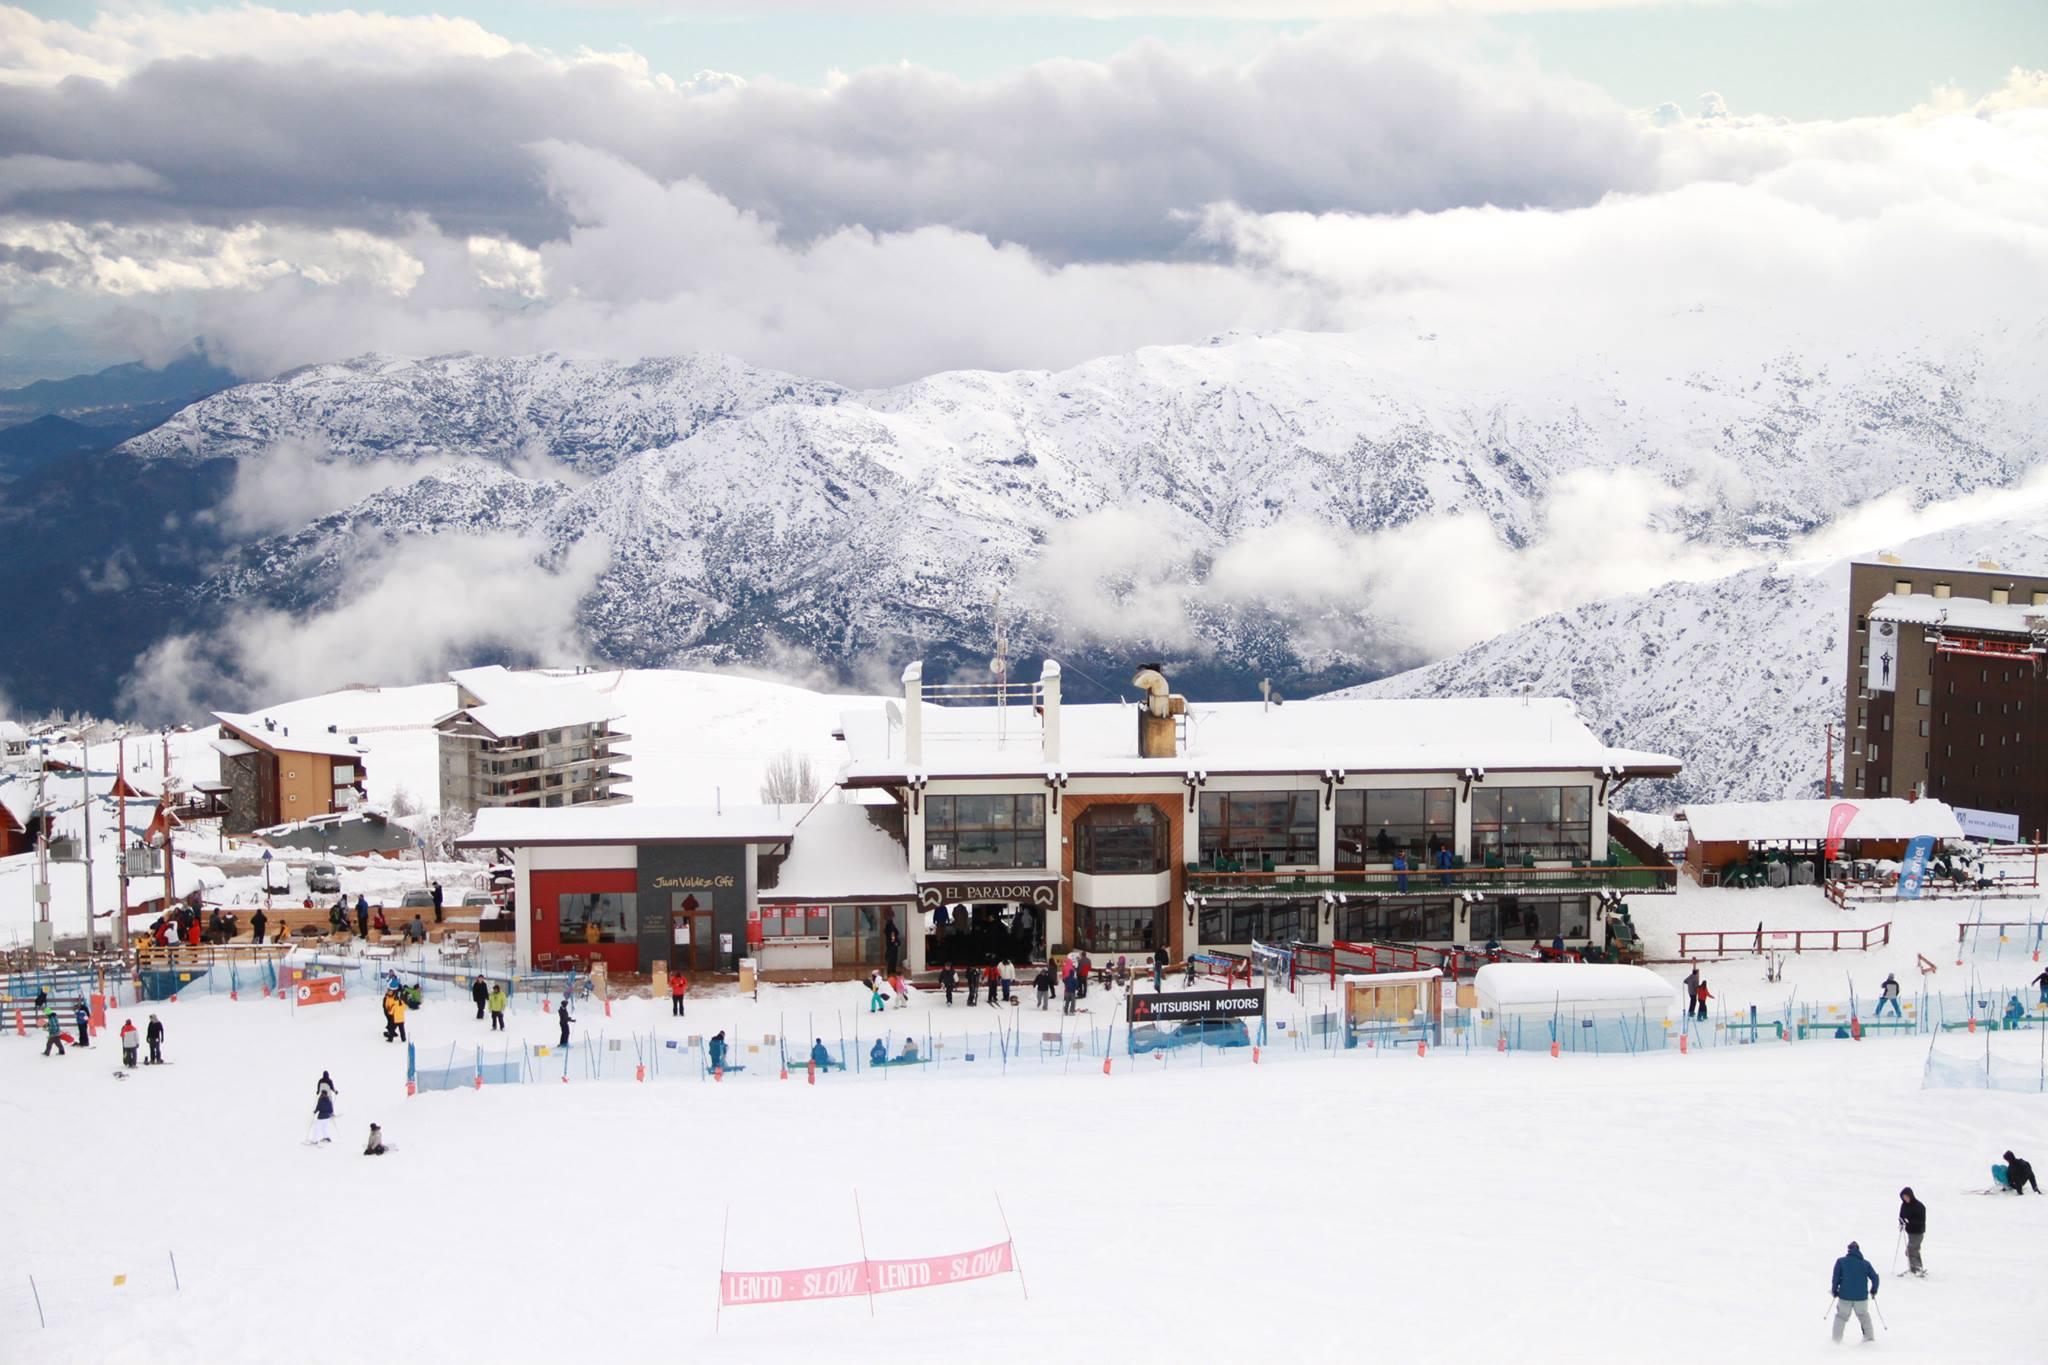 горнолыжный курорт Анды Эль Колорадо